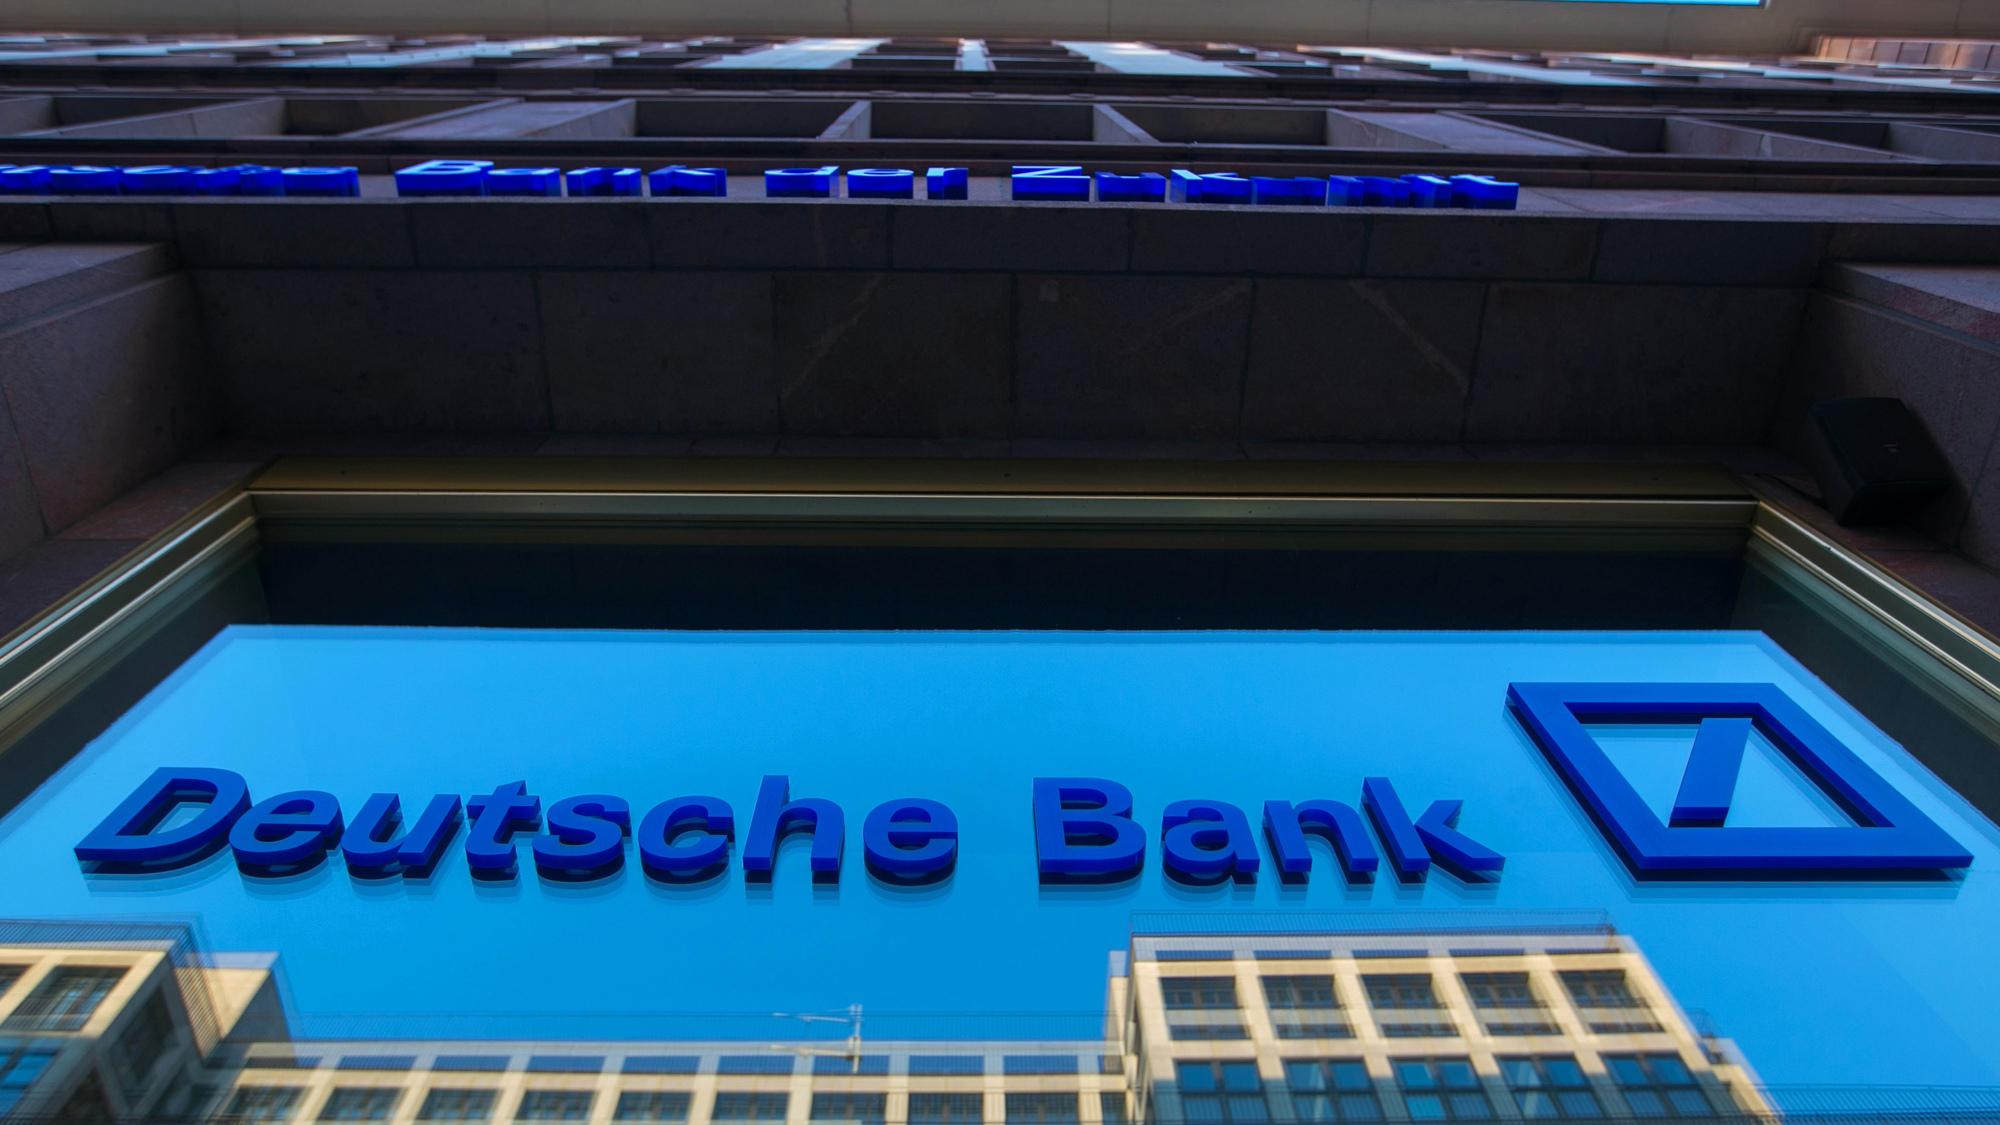 See By Deutsche Coco Risk Holders Regulators Mean Bank What Bloomberg KJuTlFc13